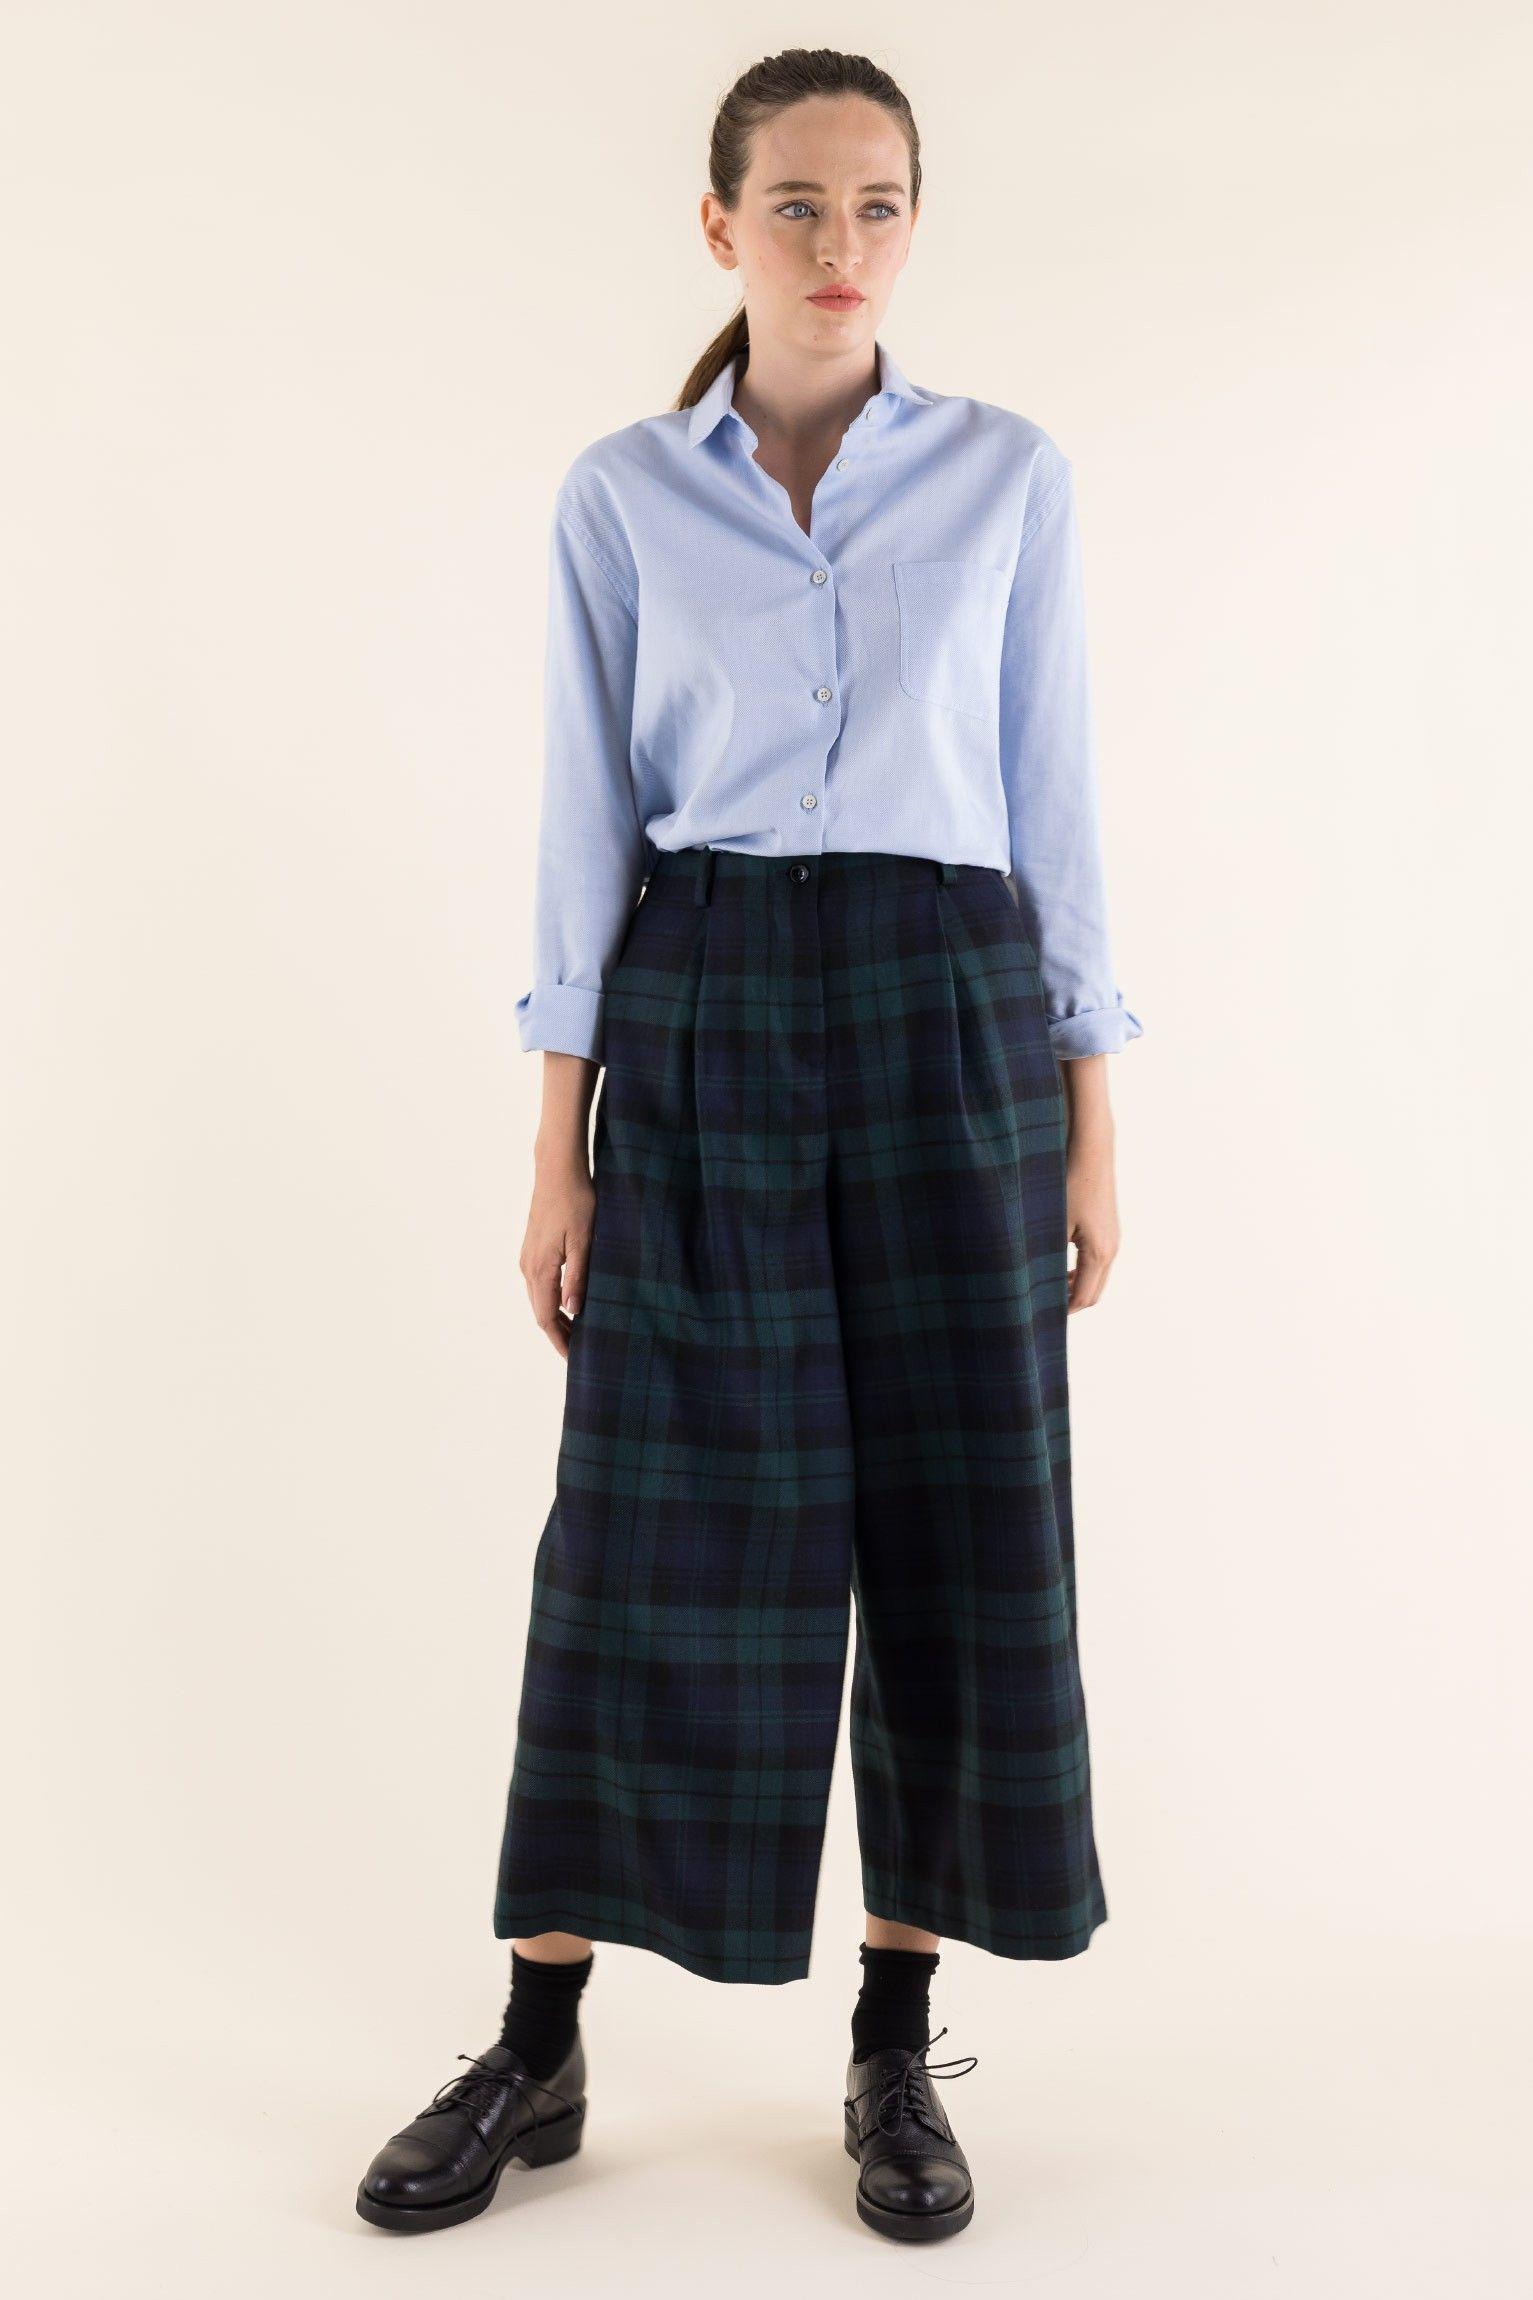 f4c046c9b4e920 Autunno Inverno 2018 2019 Pantalone culotte con piega in lana Pantalone  culotte con piega in lana